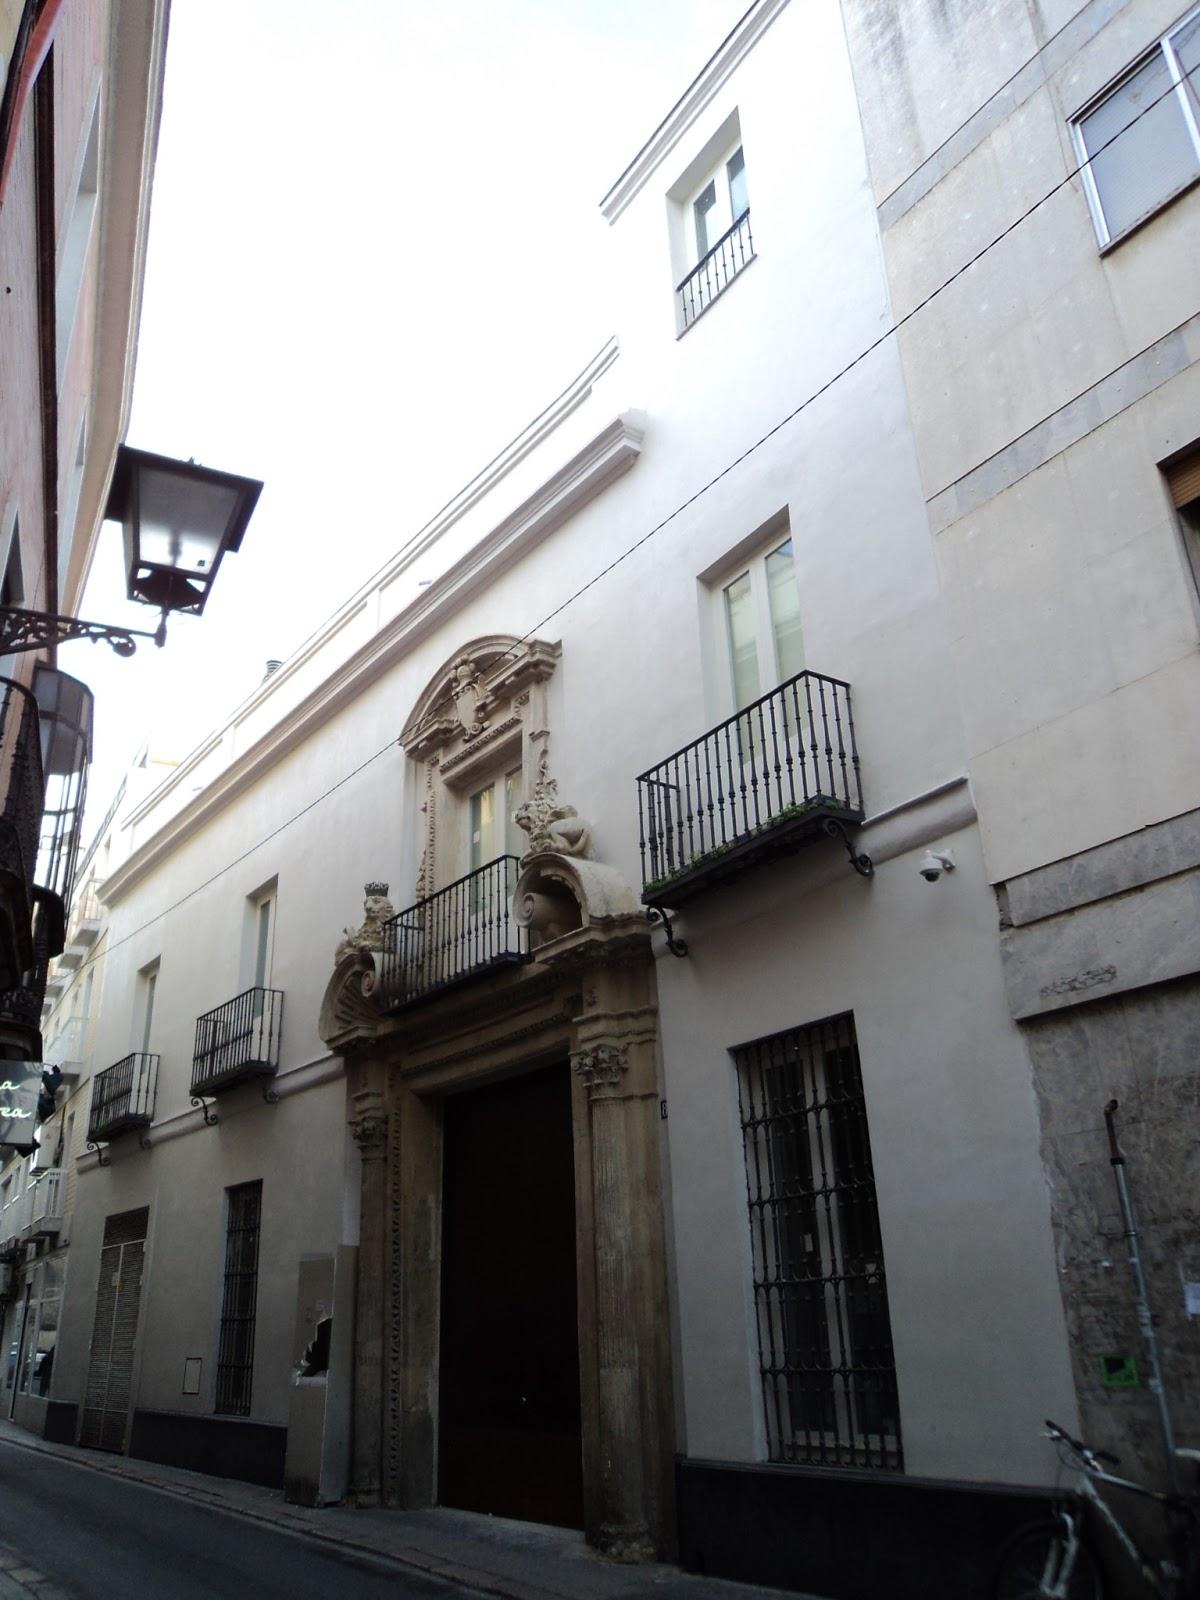 La casa de los leones a la espera de inquilinos for Muralla entre mexico y guatemala